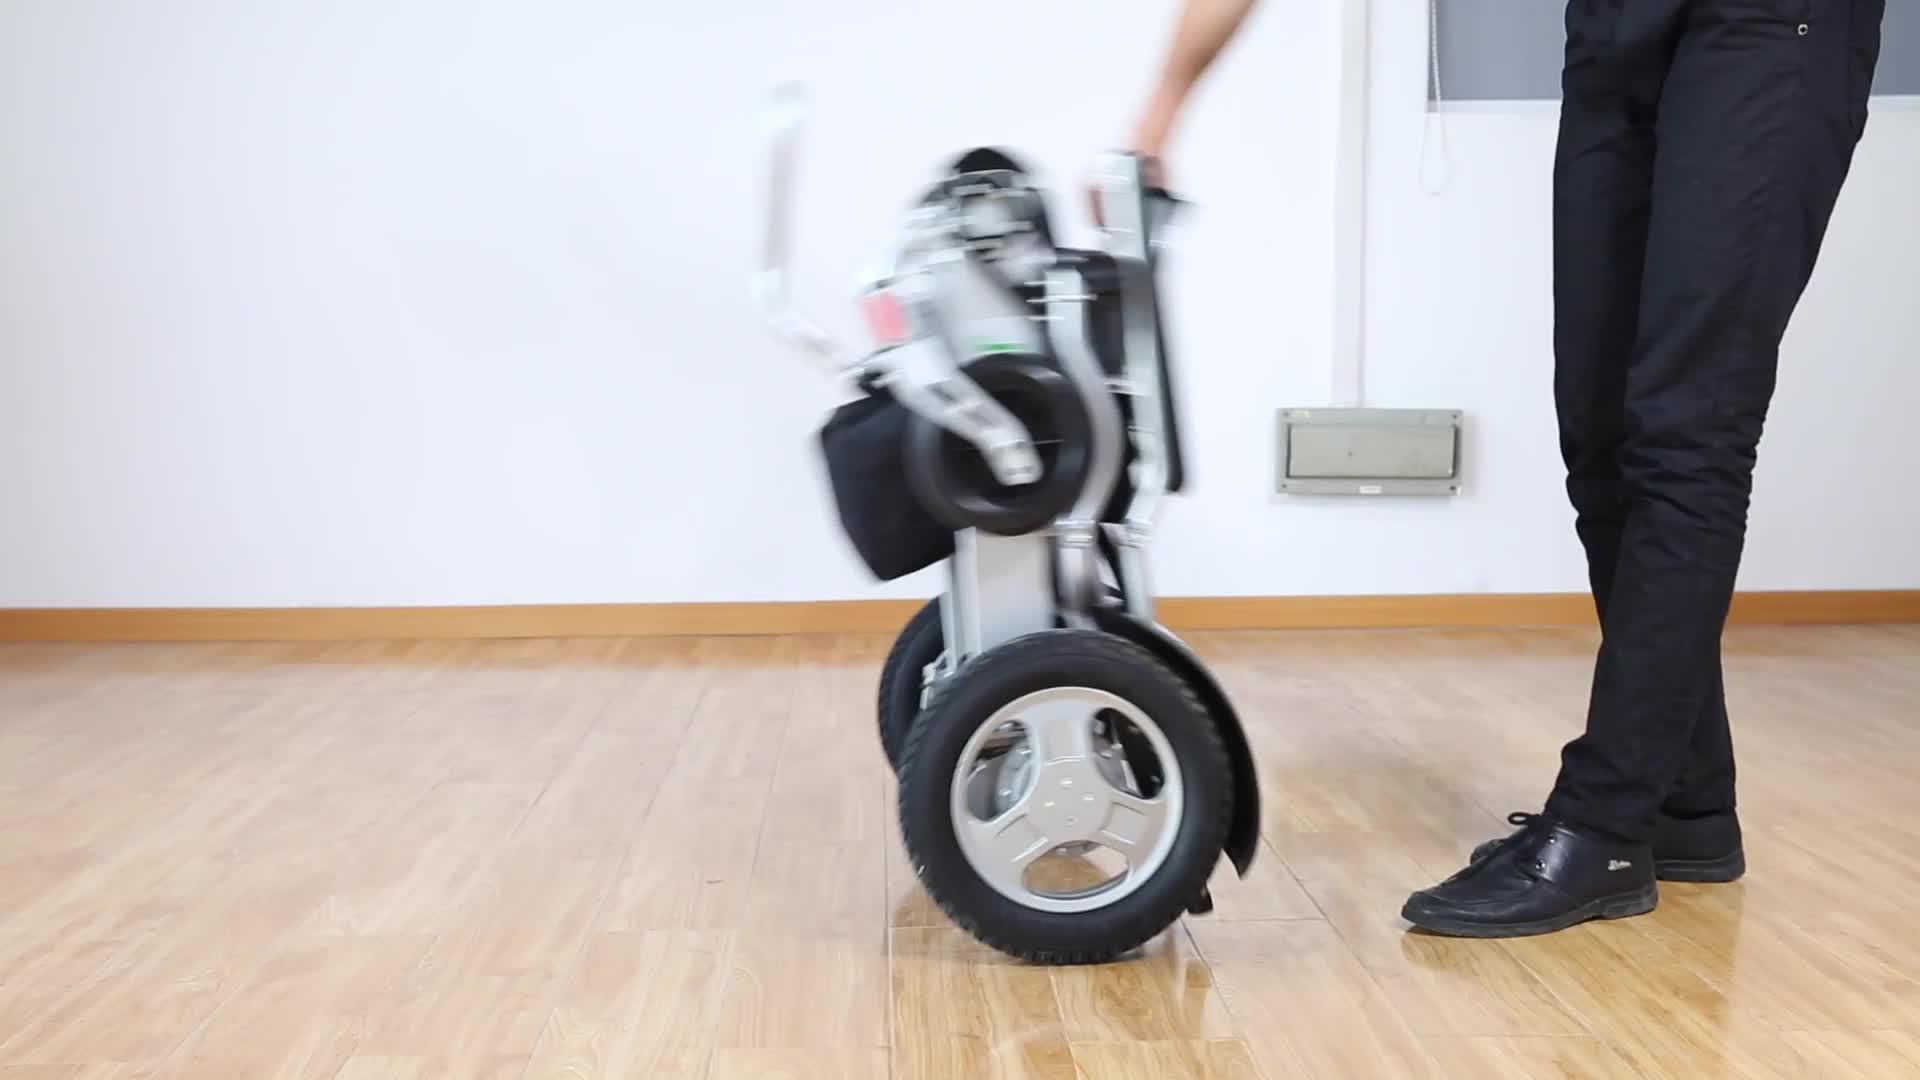 Vente chaude léger électrique alimenté fauteuil roulant pour les personnes handicapées